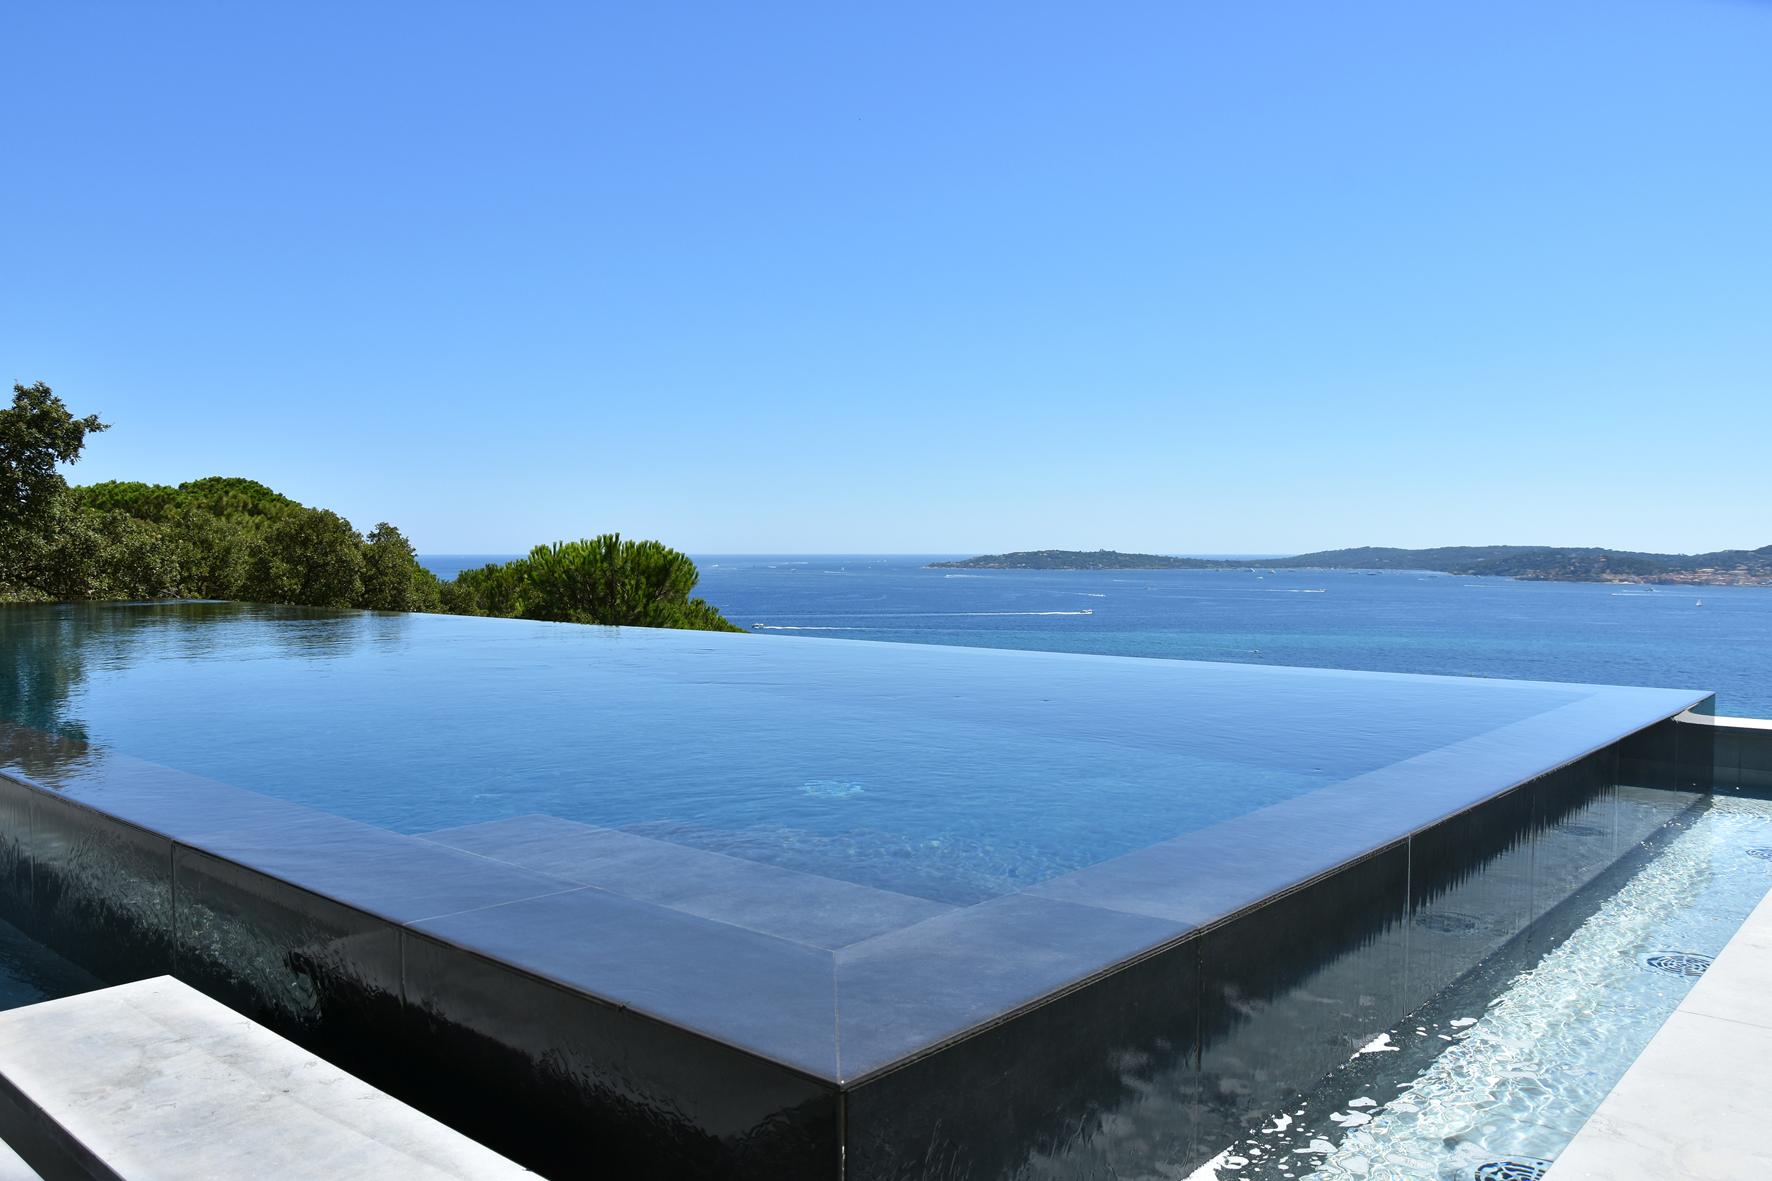 Piscine miroir avec vue sur mer lauréate des Trophées de la piscine 2018 catégorie piscine d'exception